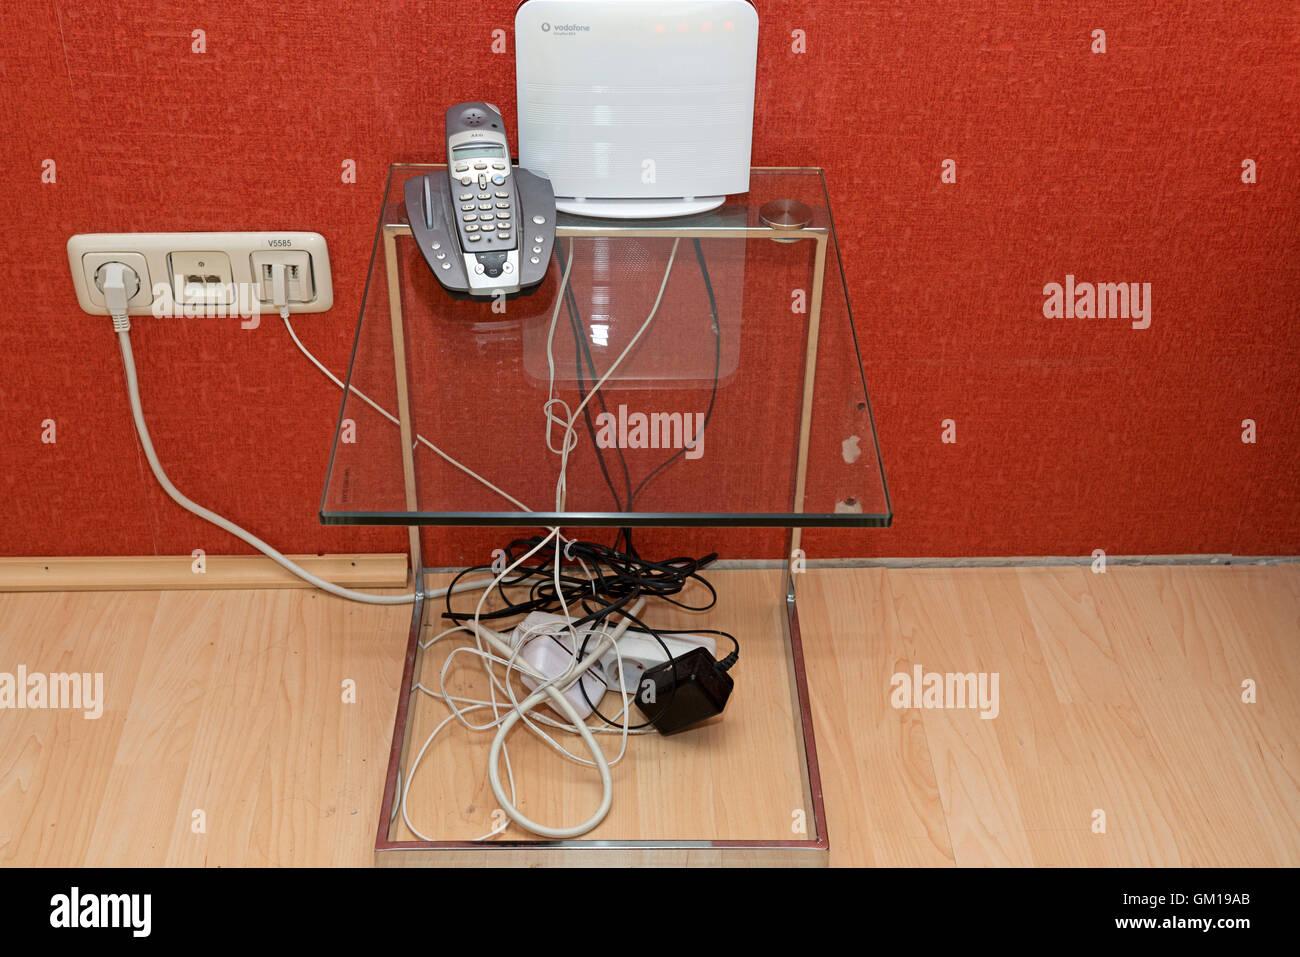 Teléfono y Wi-Fi en un cuadro alemán home Imagen De Stock